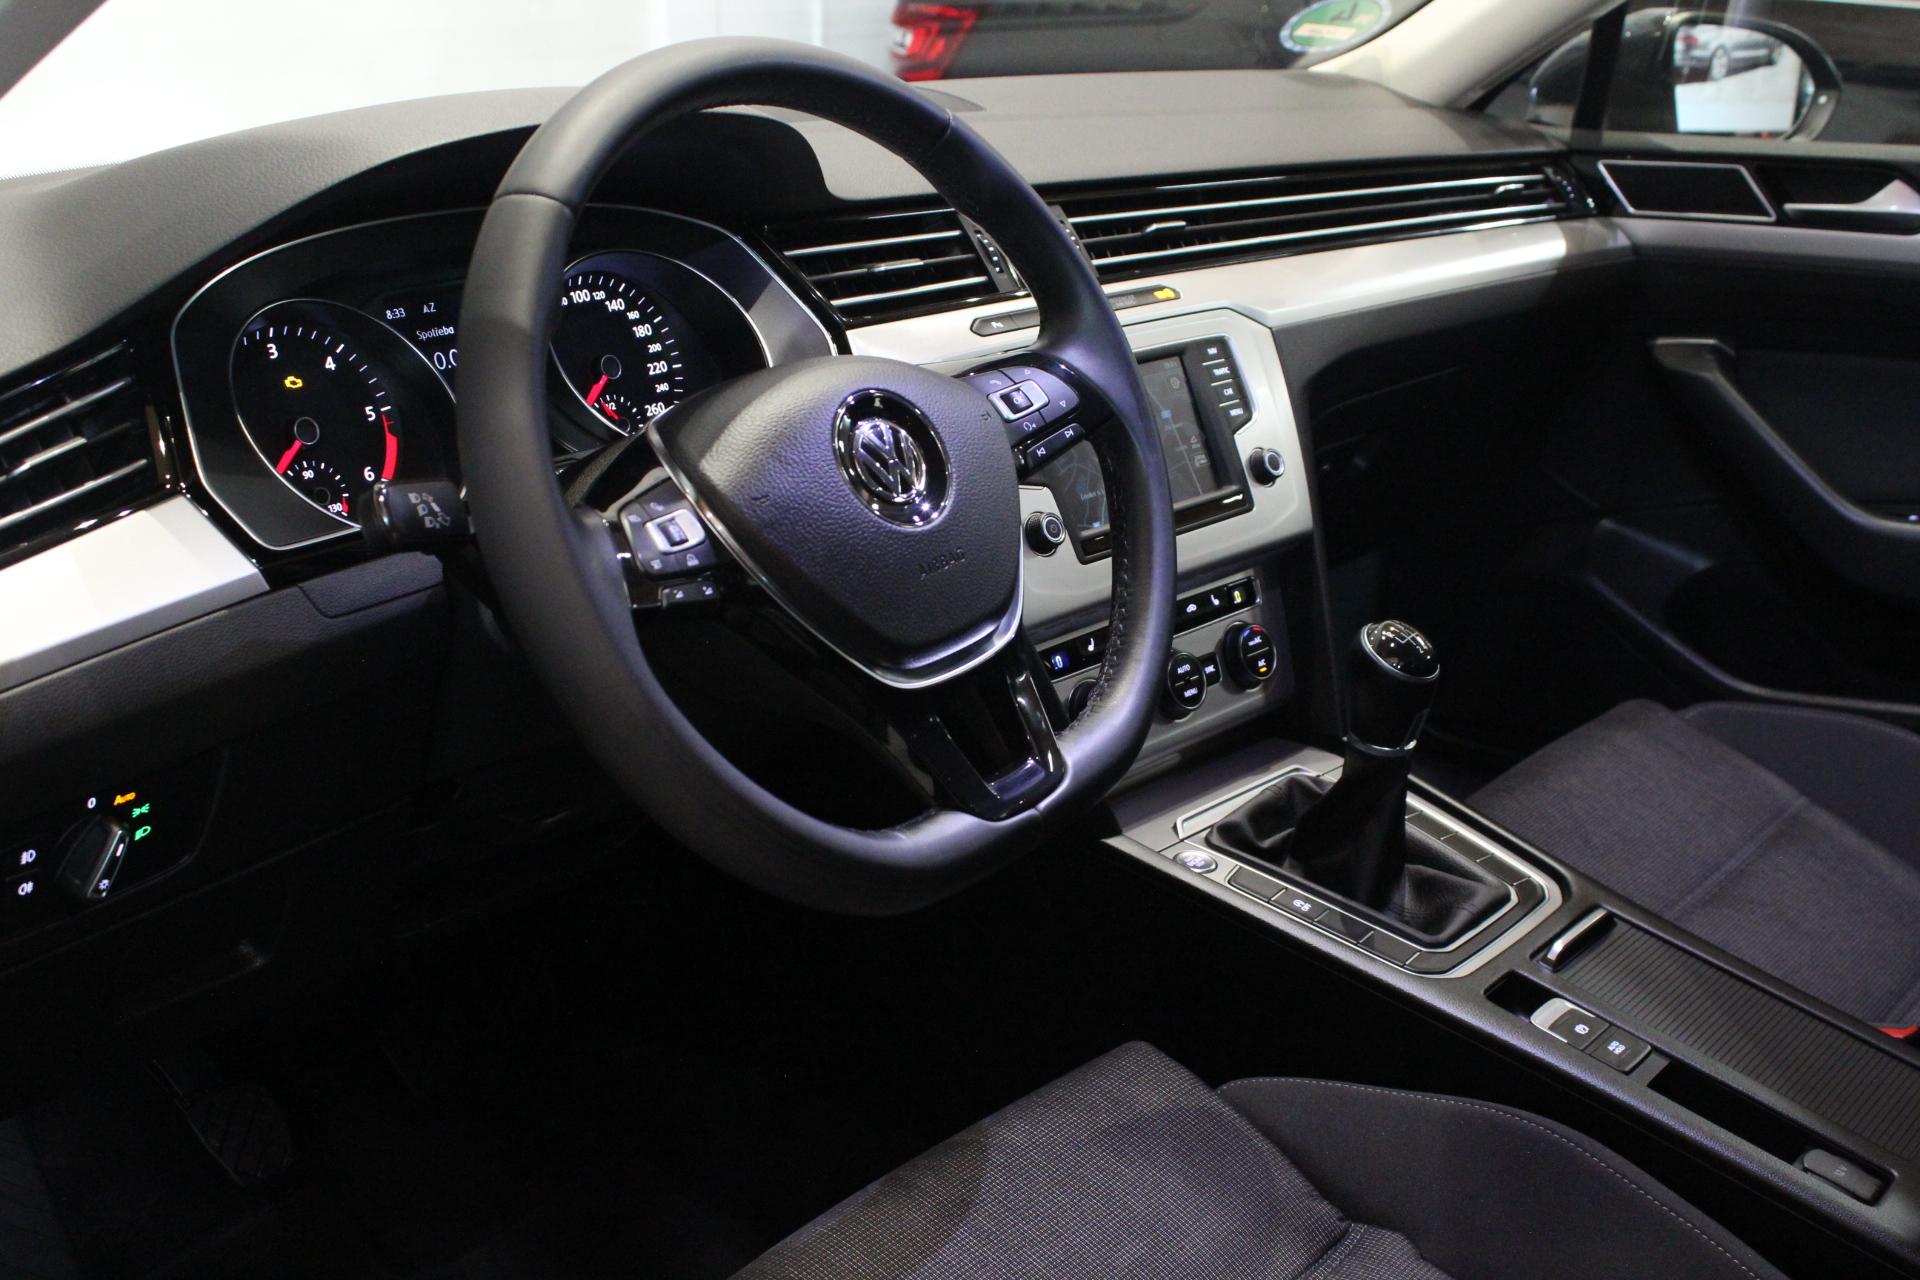 VW Passat B8 2.0 TDI Navi - AutoBrela obrázek